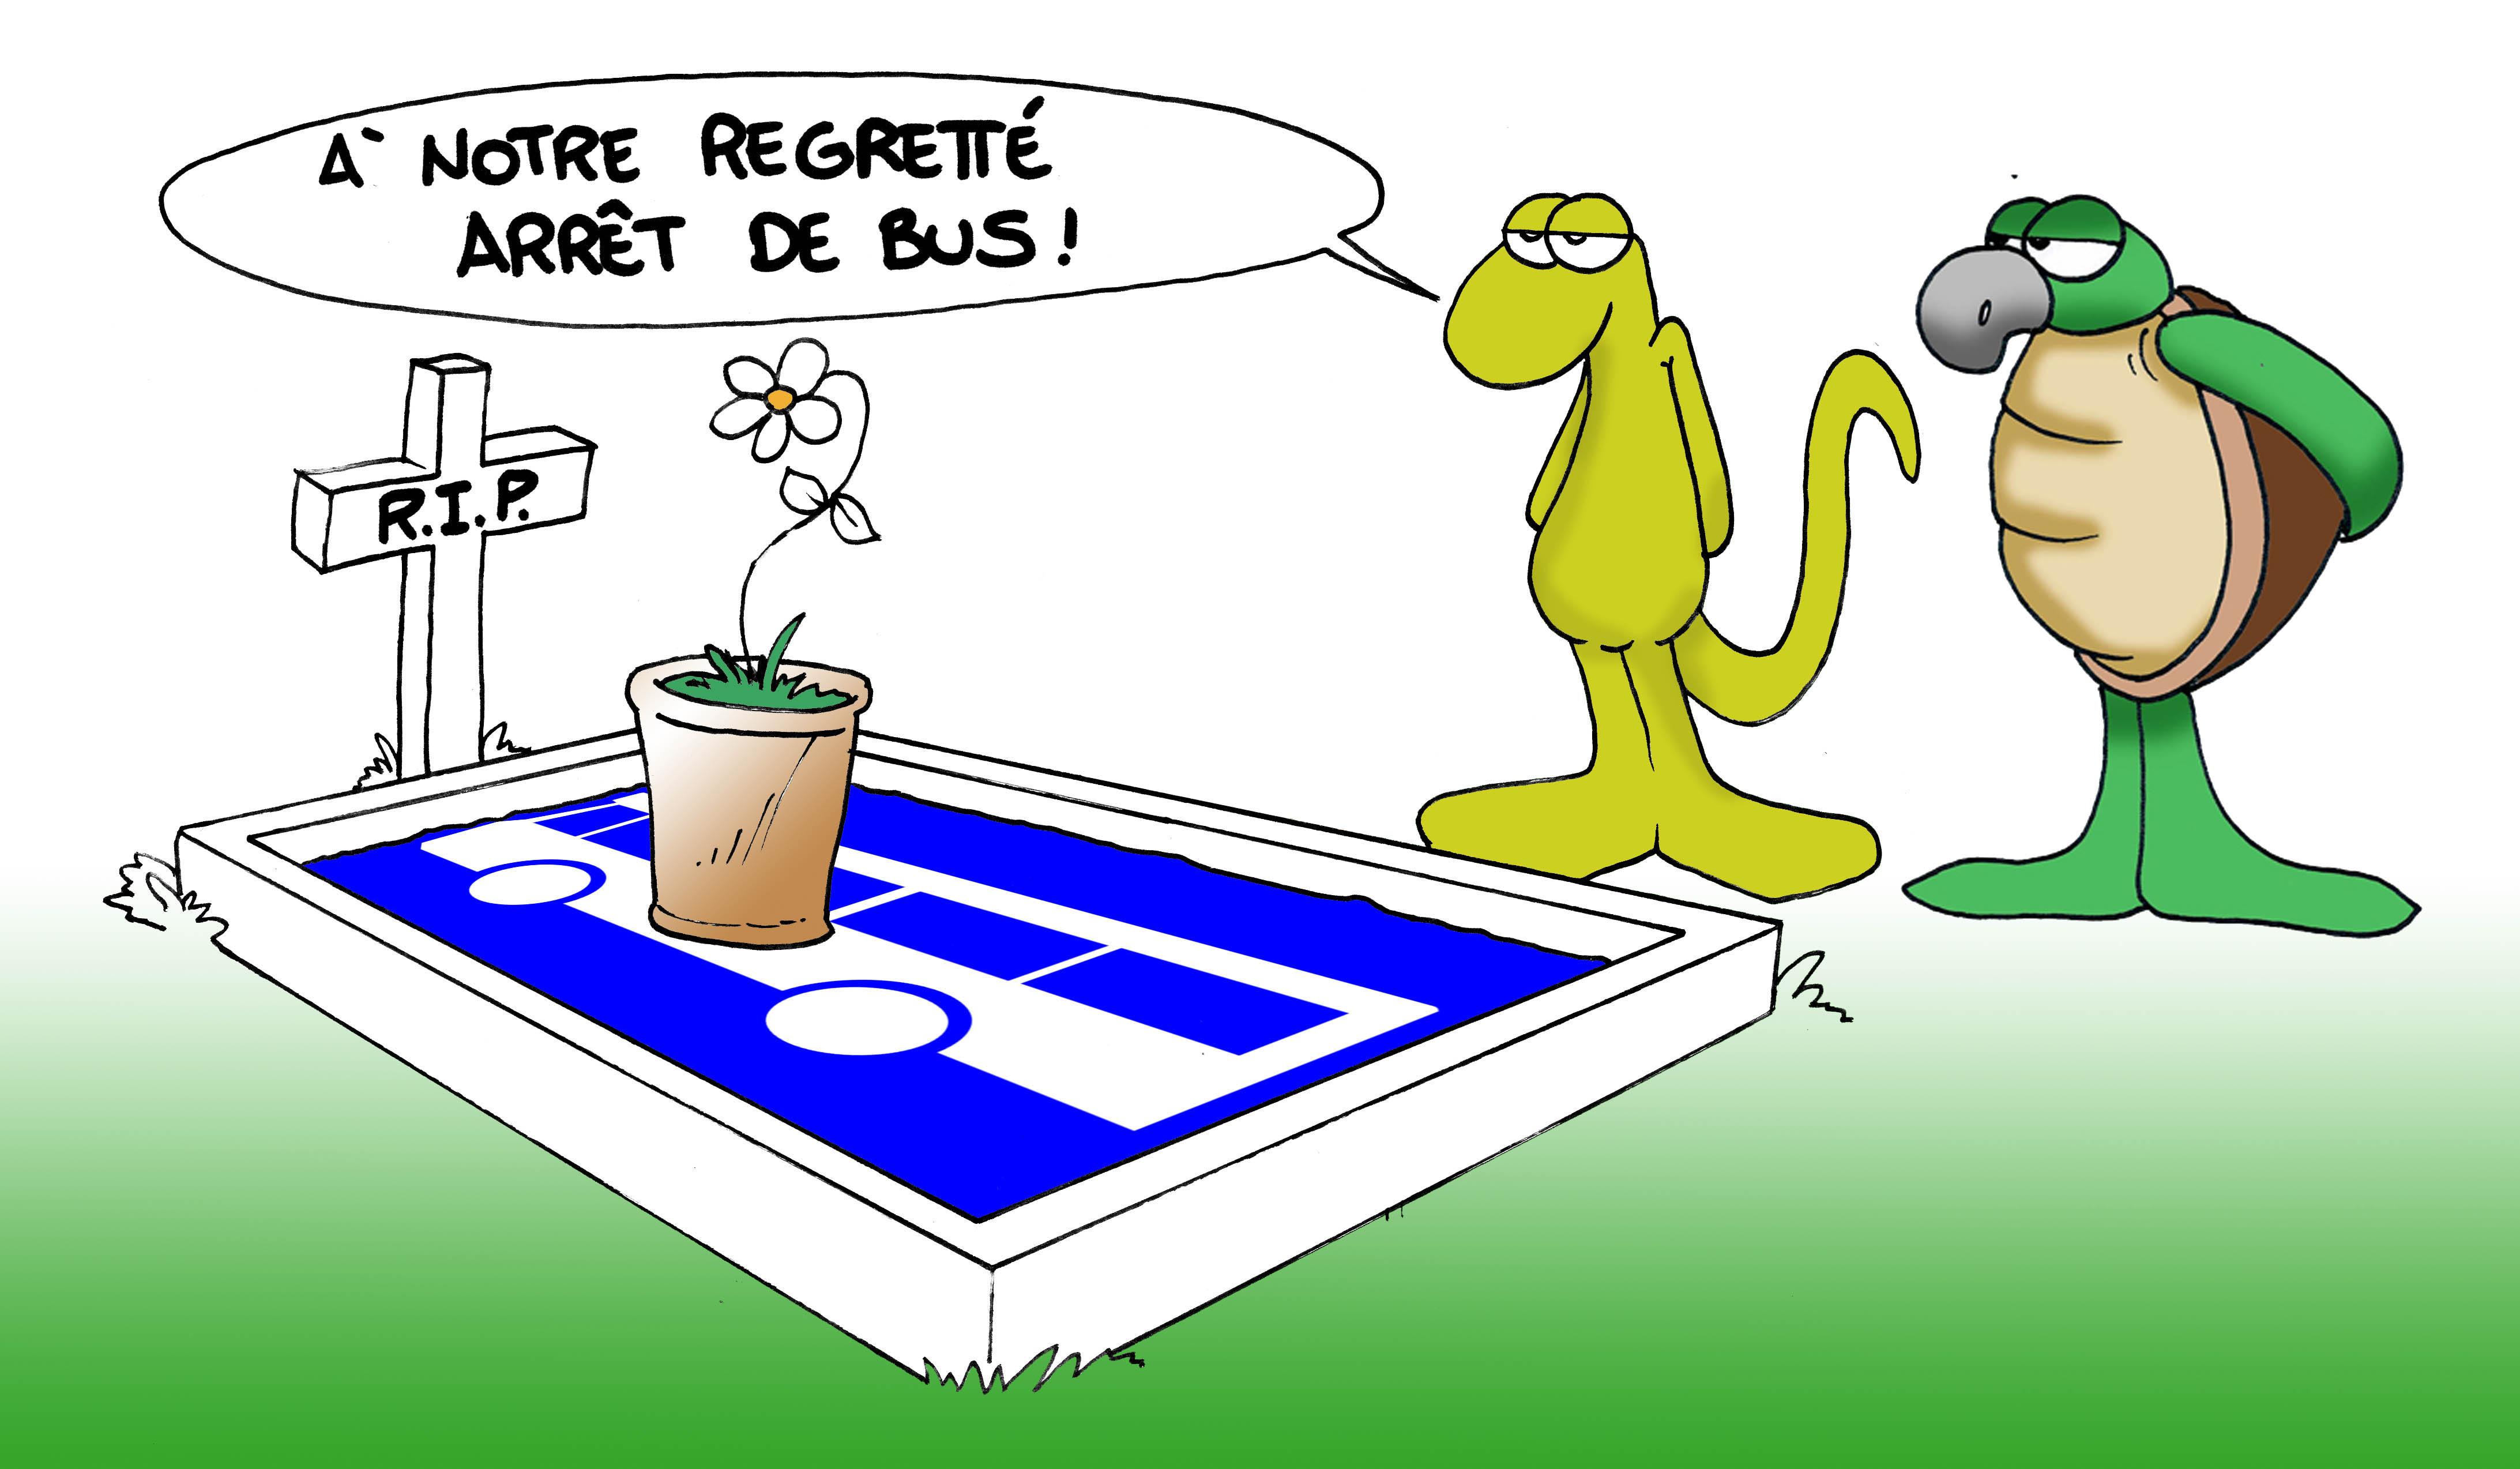 """"""" Notre regretté arrêt de bus """" par Munoz"""